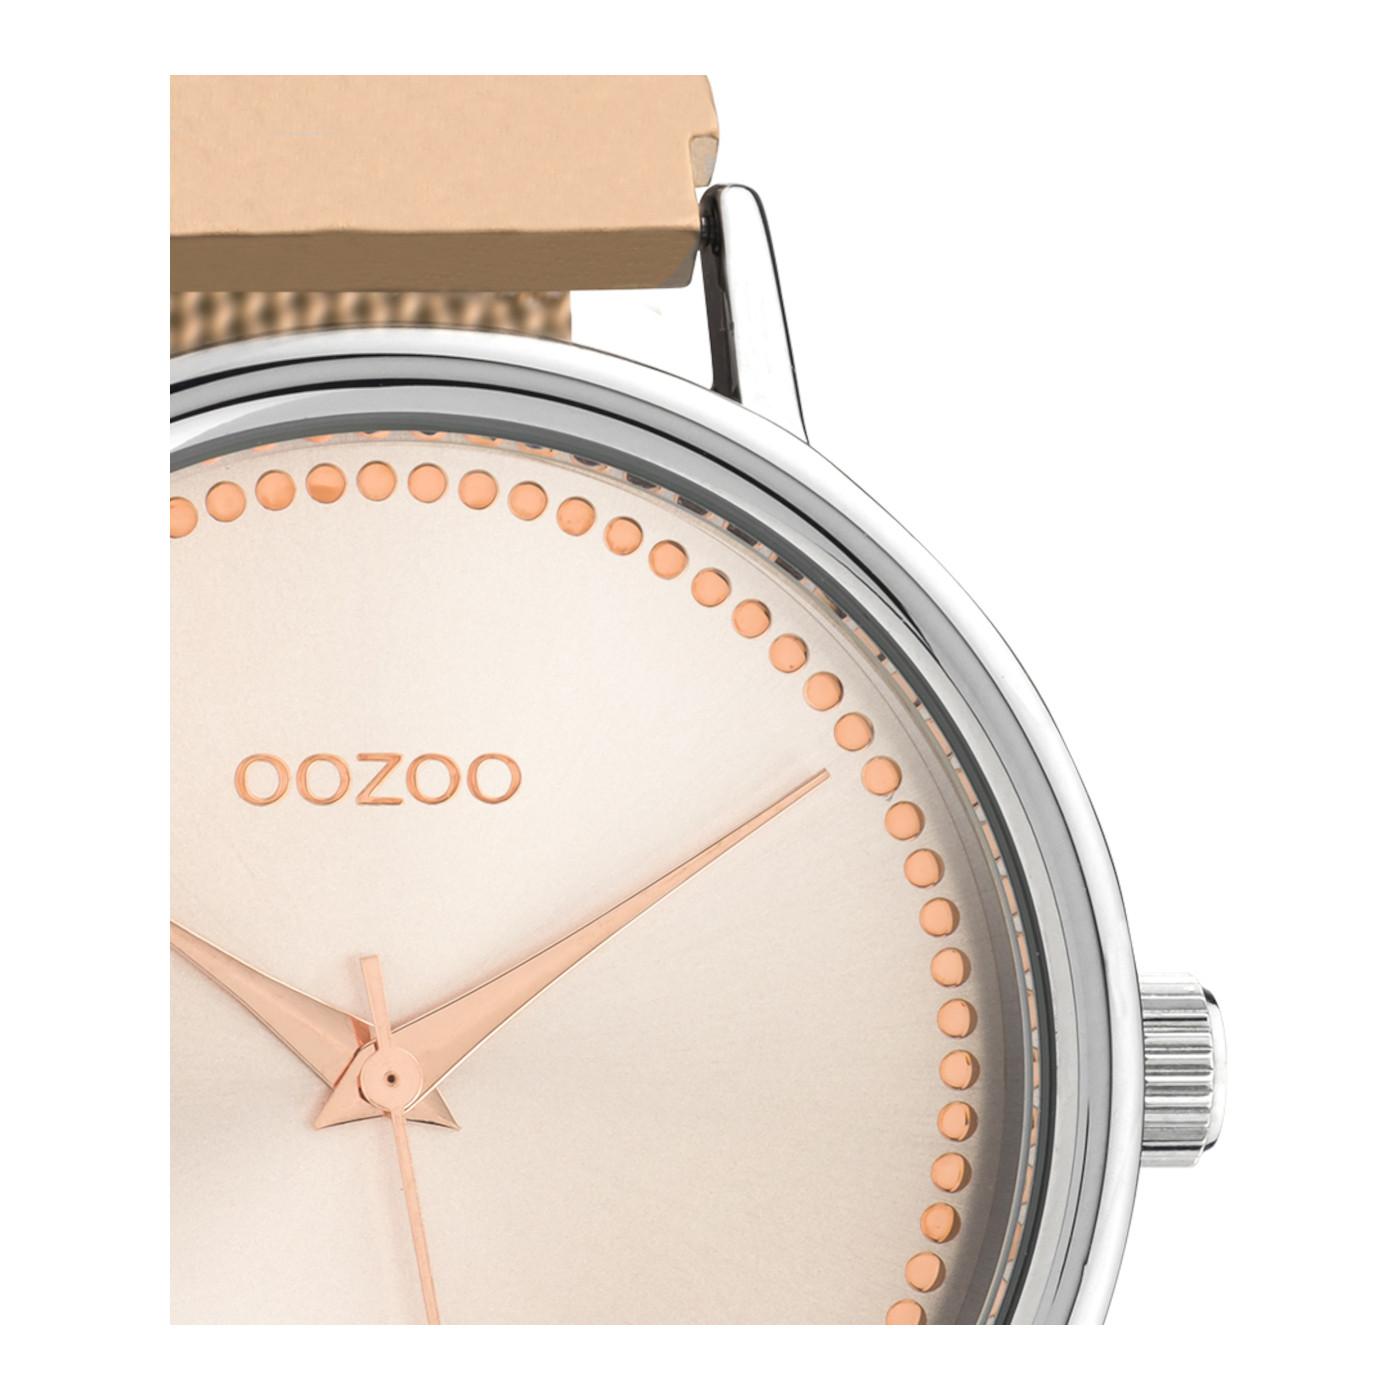 OOZOO Timepieces Summer horloge C10682